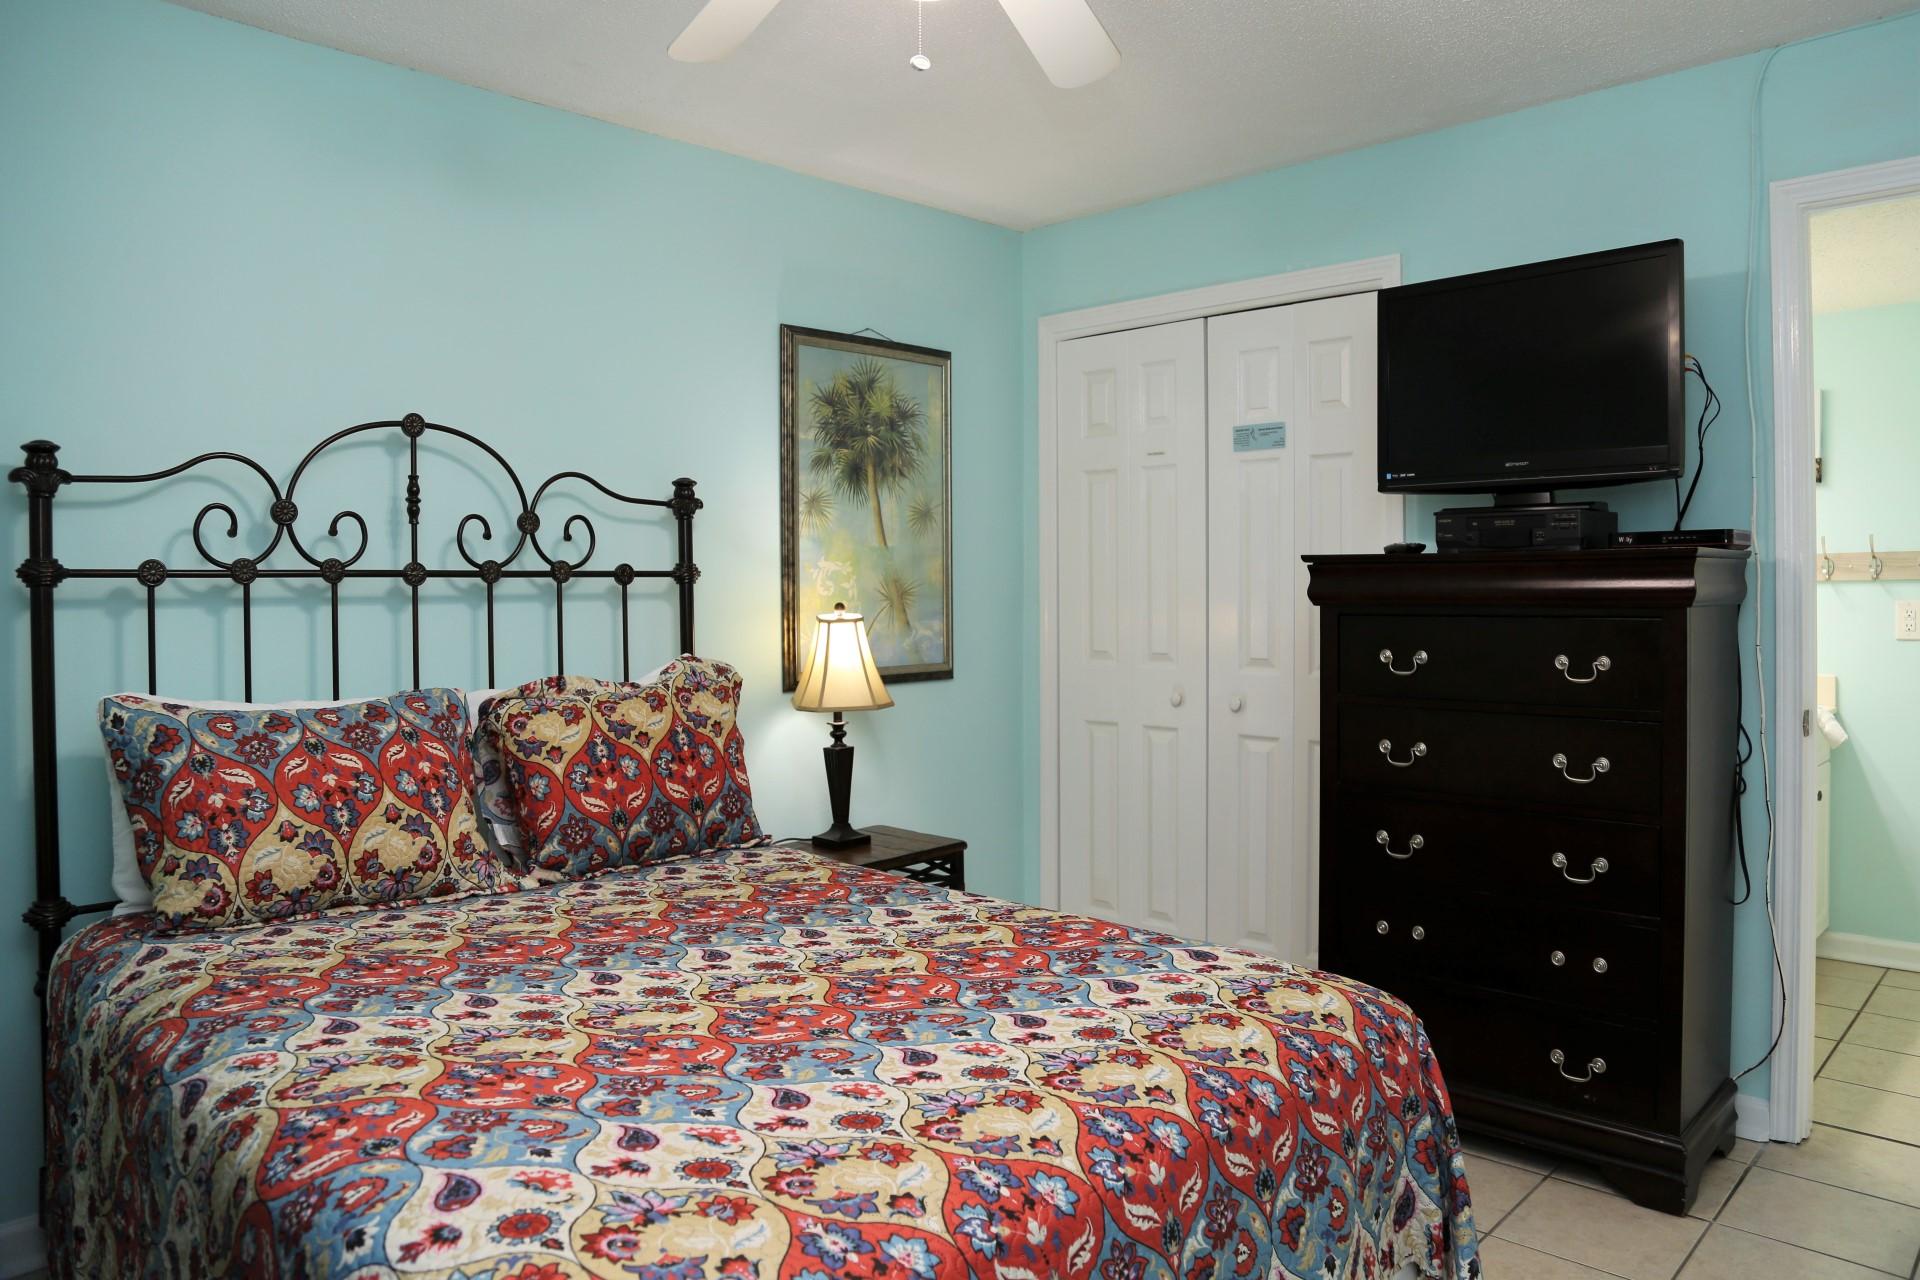 Castaways 1B - Second bedroom - TV